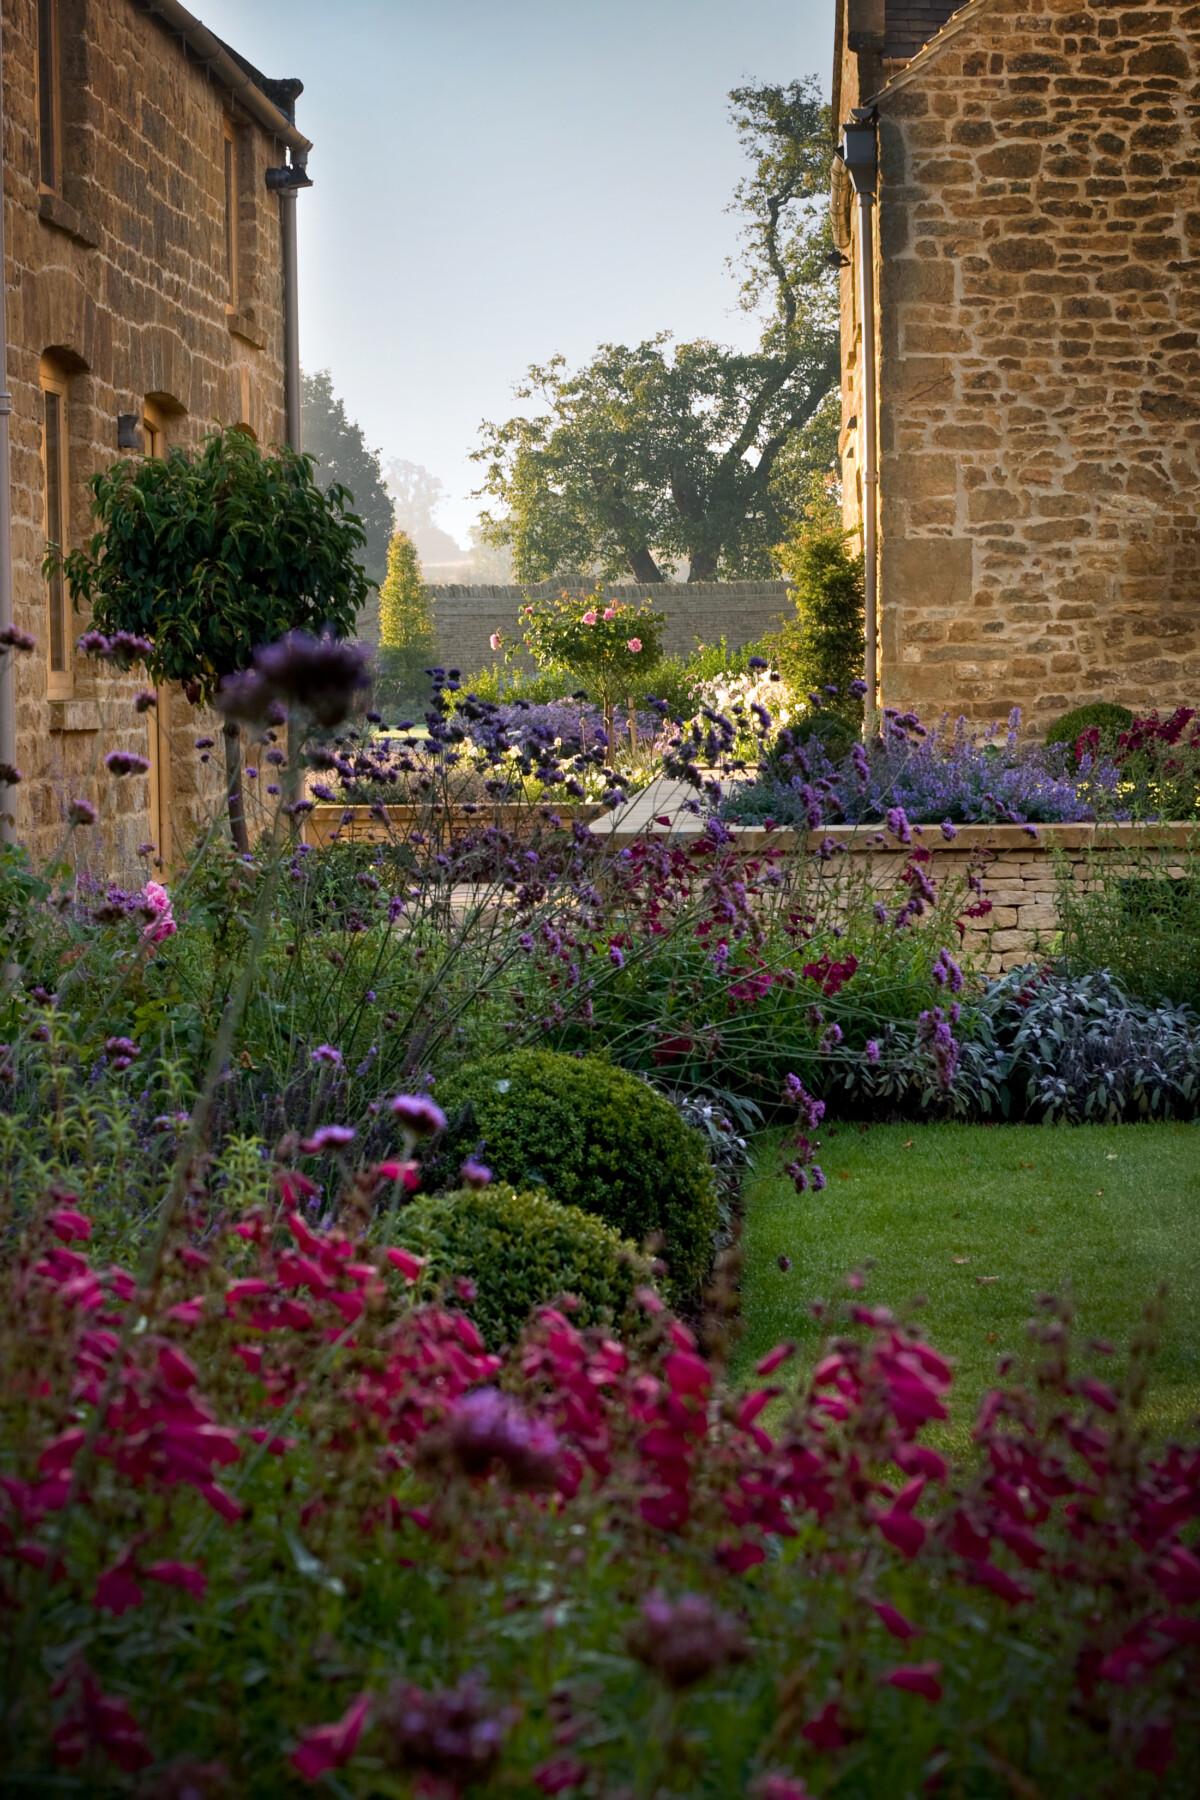 Garden Design Video - Nicholsons Garden Design, Oxfordshire